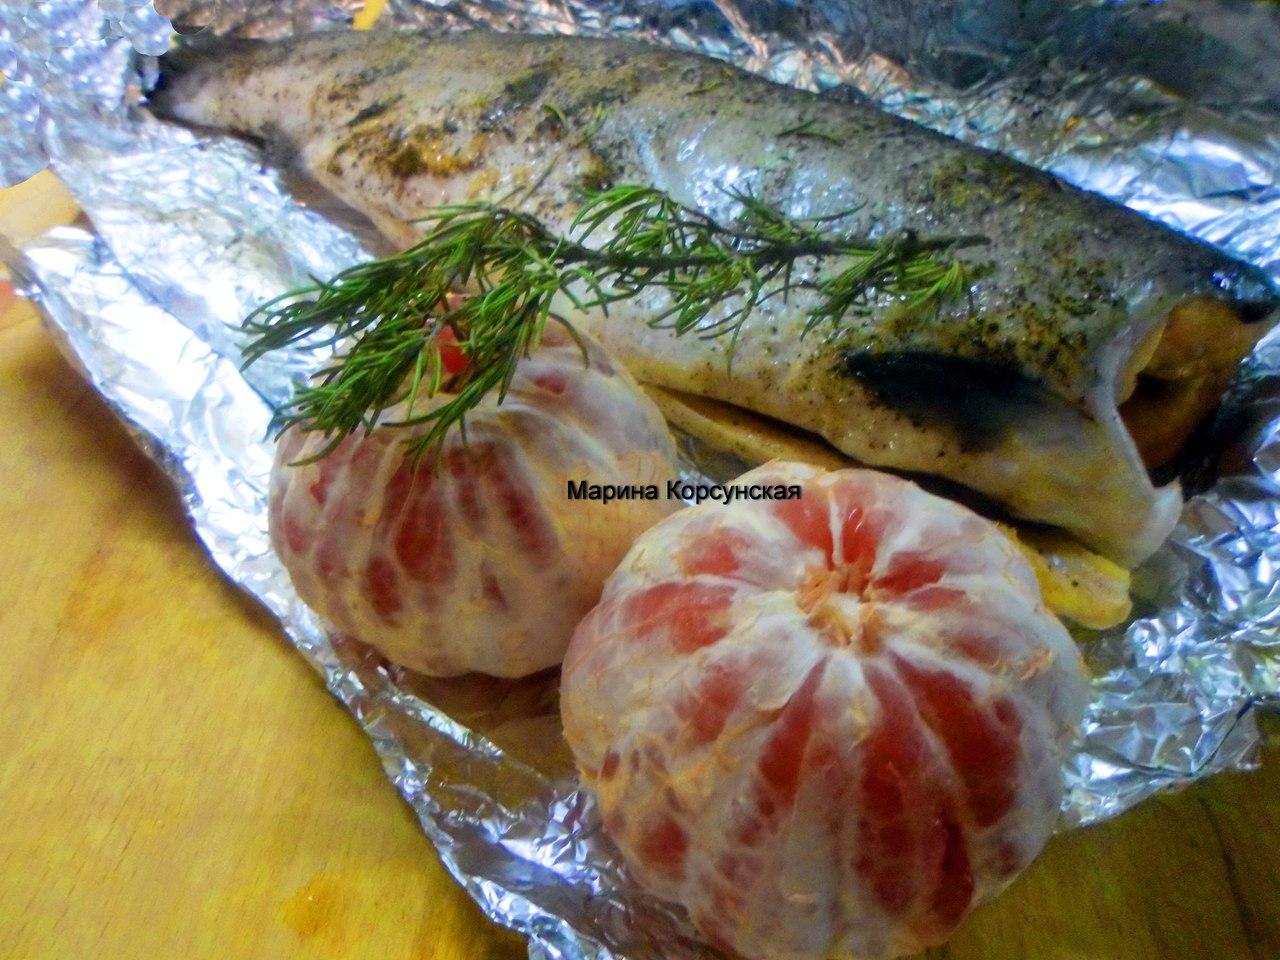 рекомендуемая схема приема витаминов moller omega-3